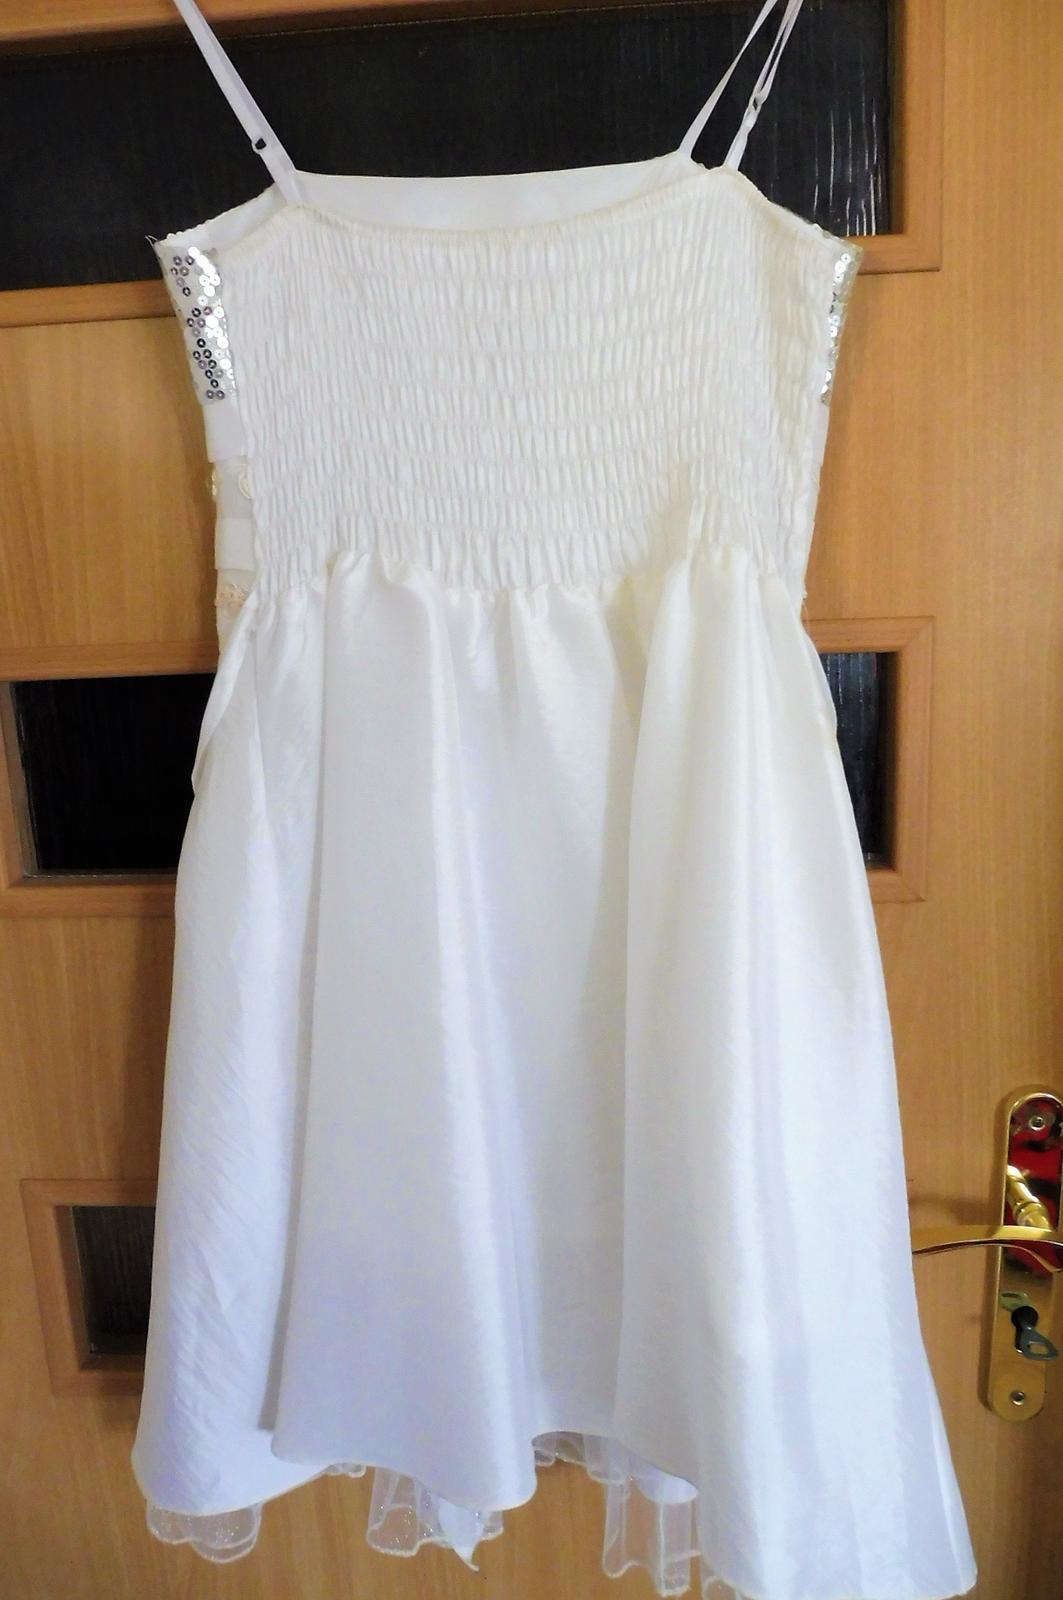 bílé šaty s flitry vel. - Obrázek č. 4